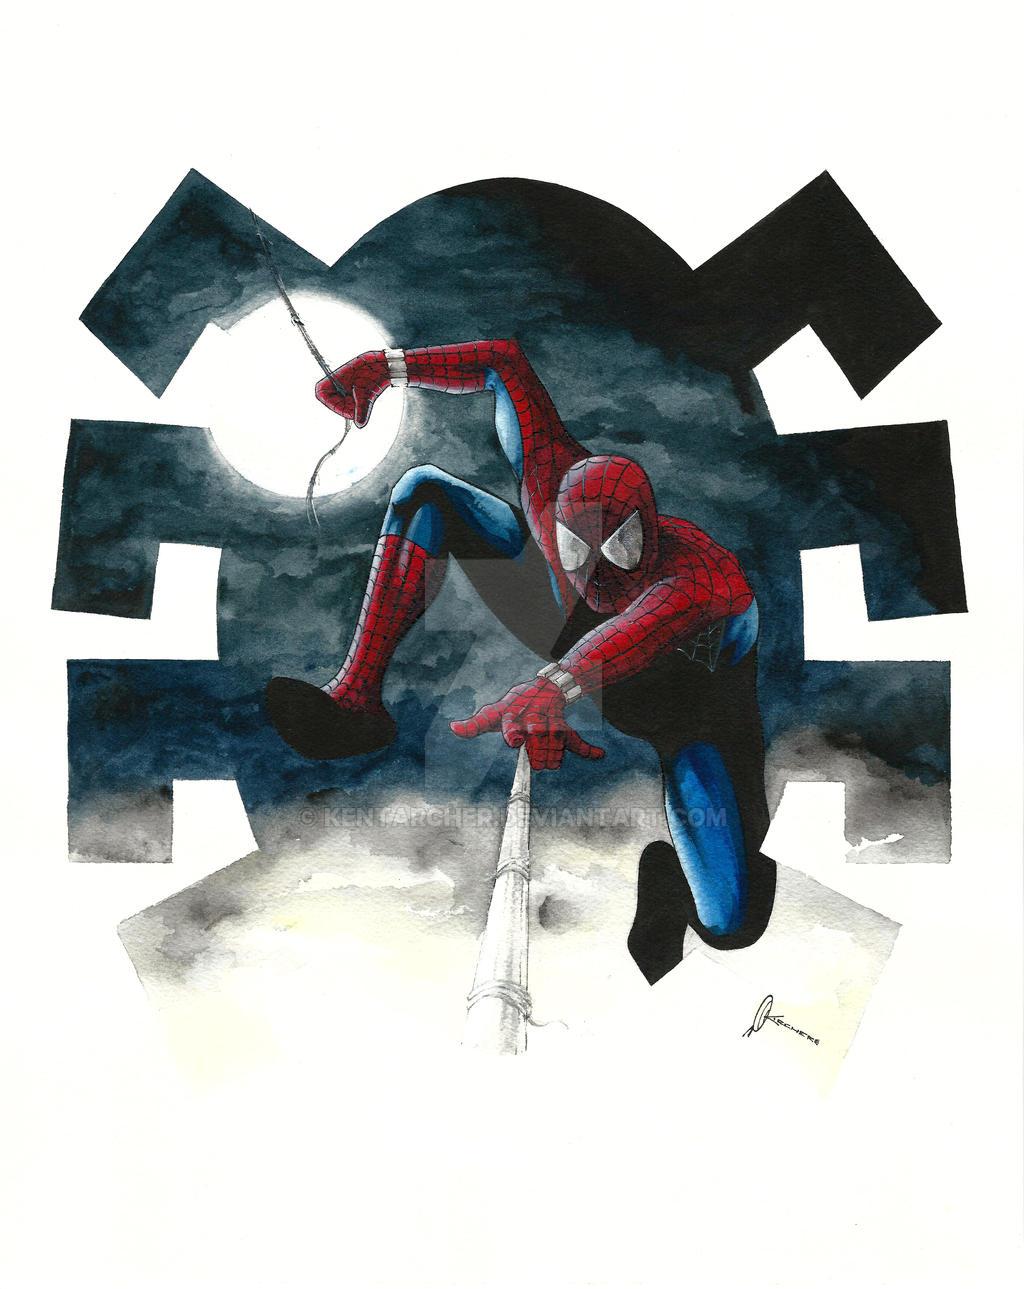 Spiderman by kentarcher